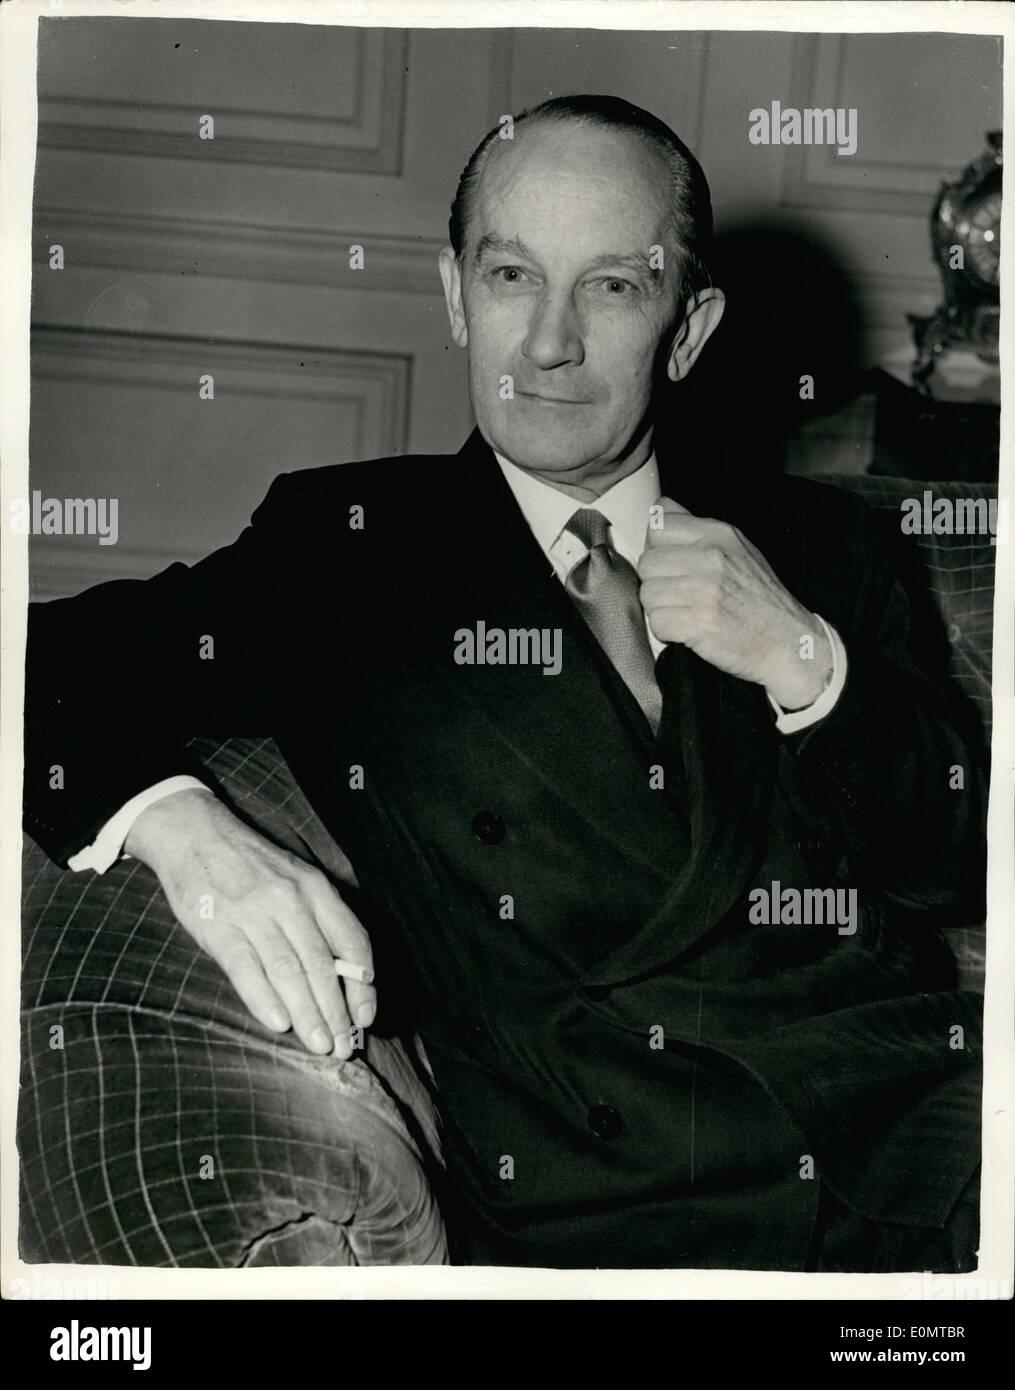 Jun. 06, 1956 - Sir Bernard Docker Is Sa B.S.A. Directors Decide By A: Small Majority: Sir Bernard Docker, millionaire indus - Stock Image